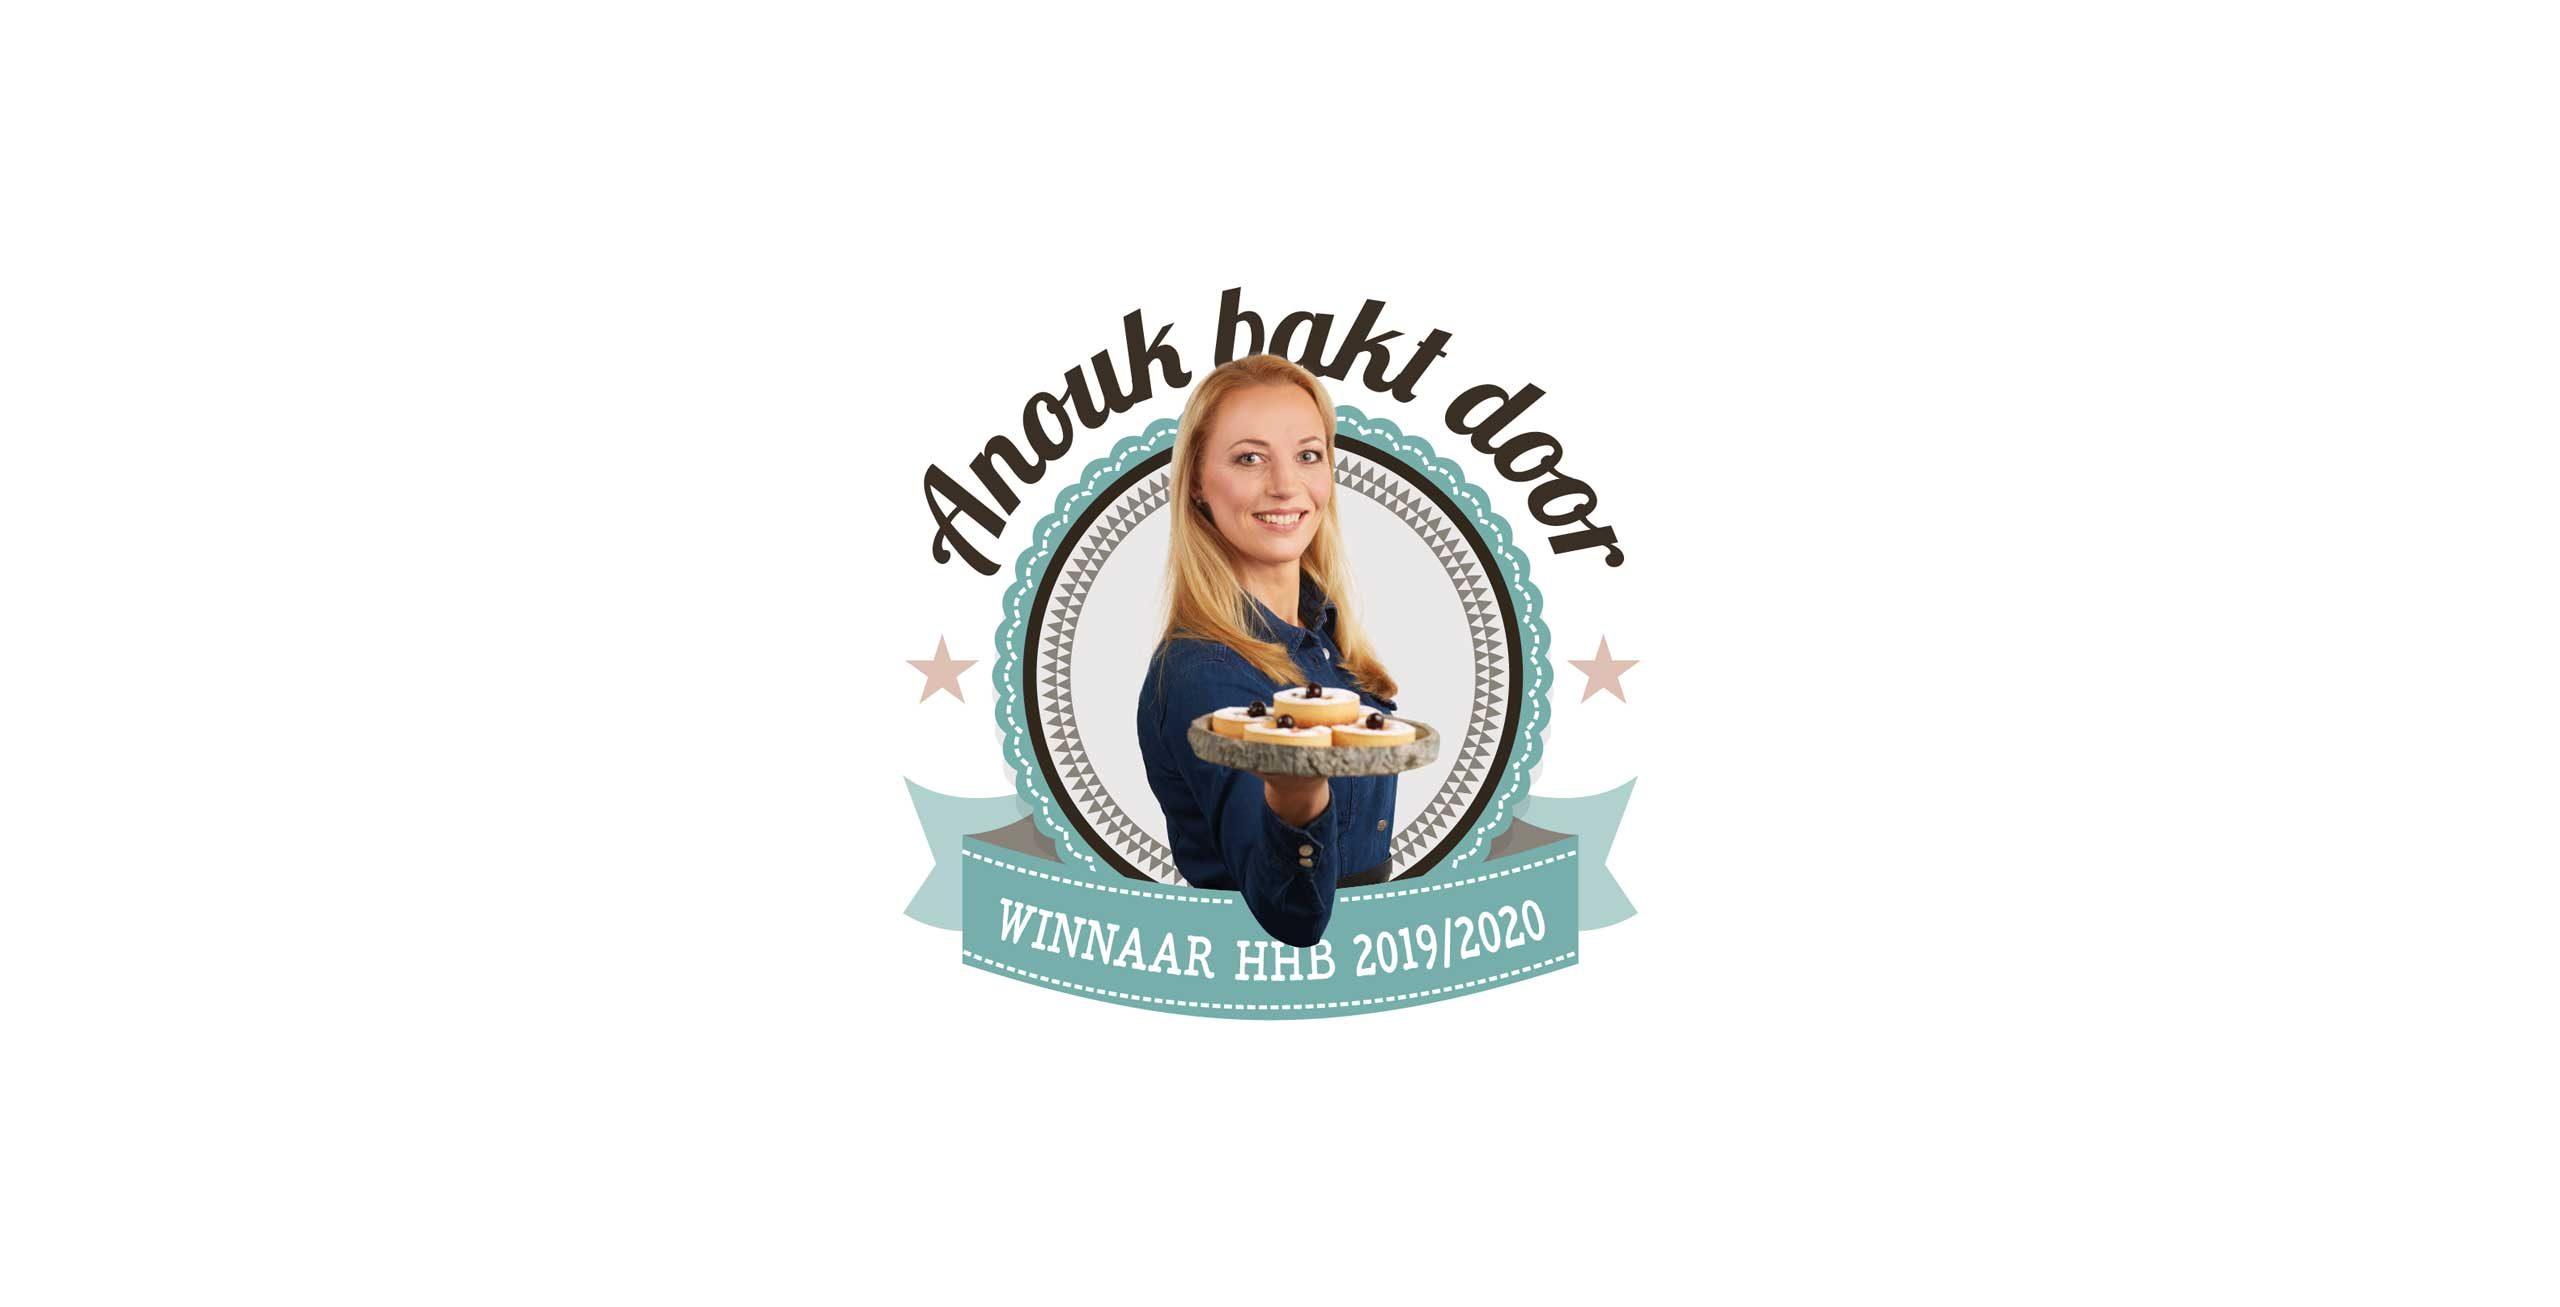 logo-anouk-bakt-door-2560x1500